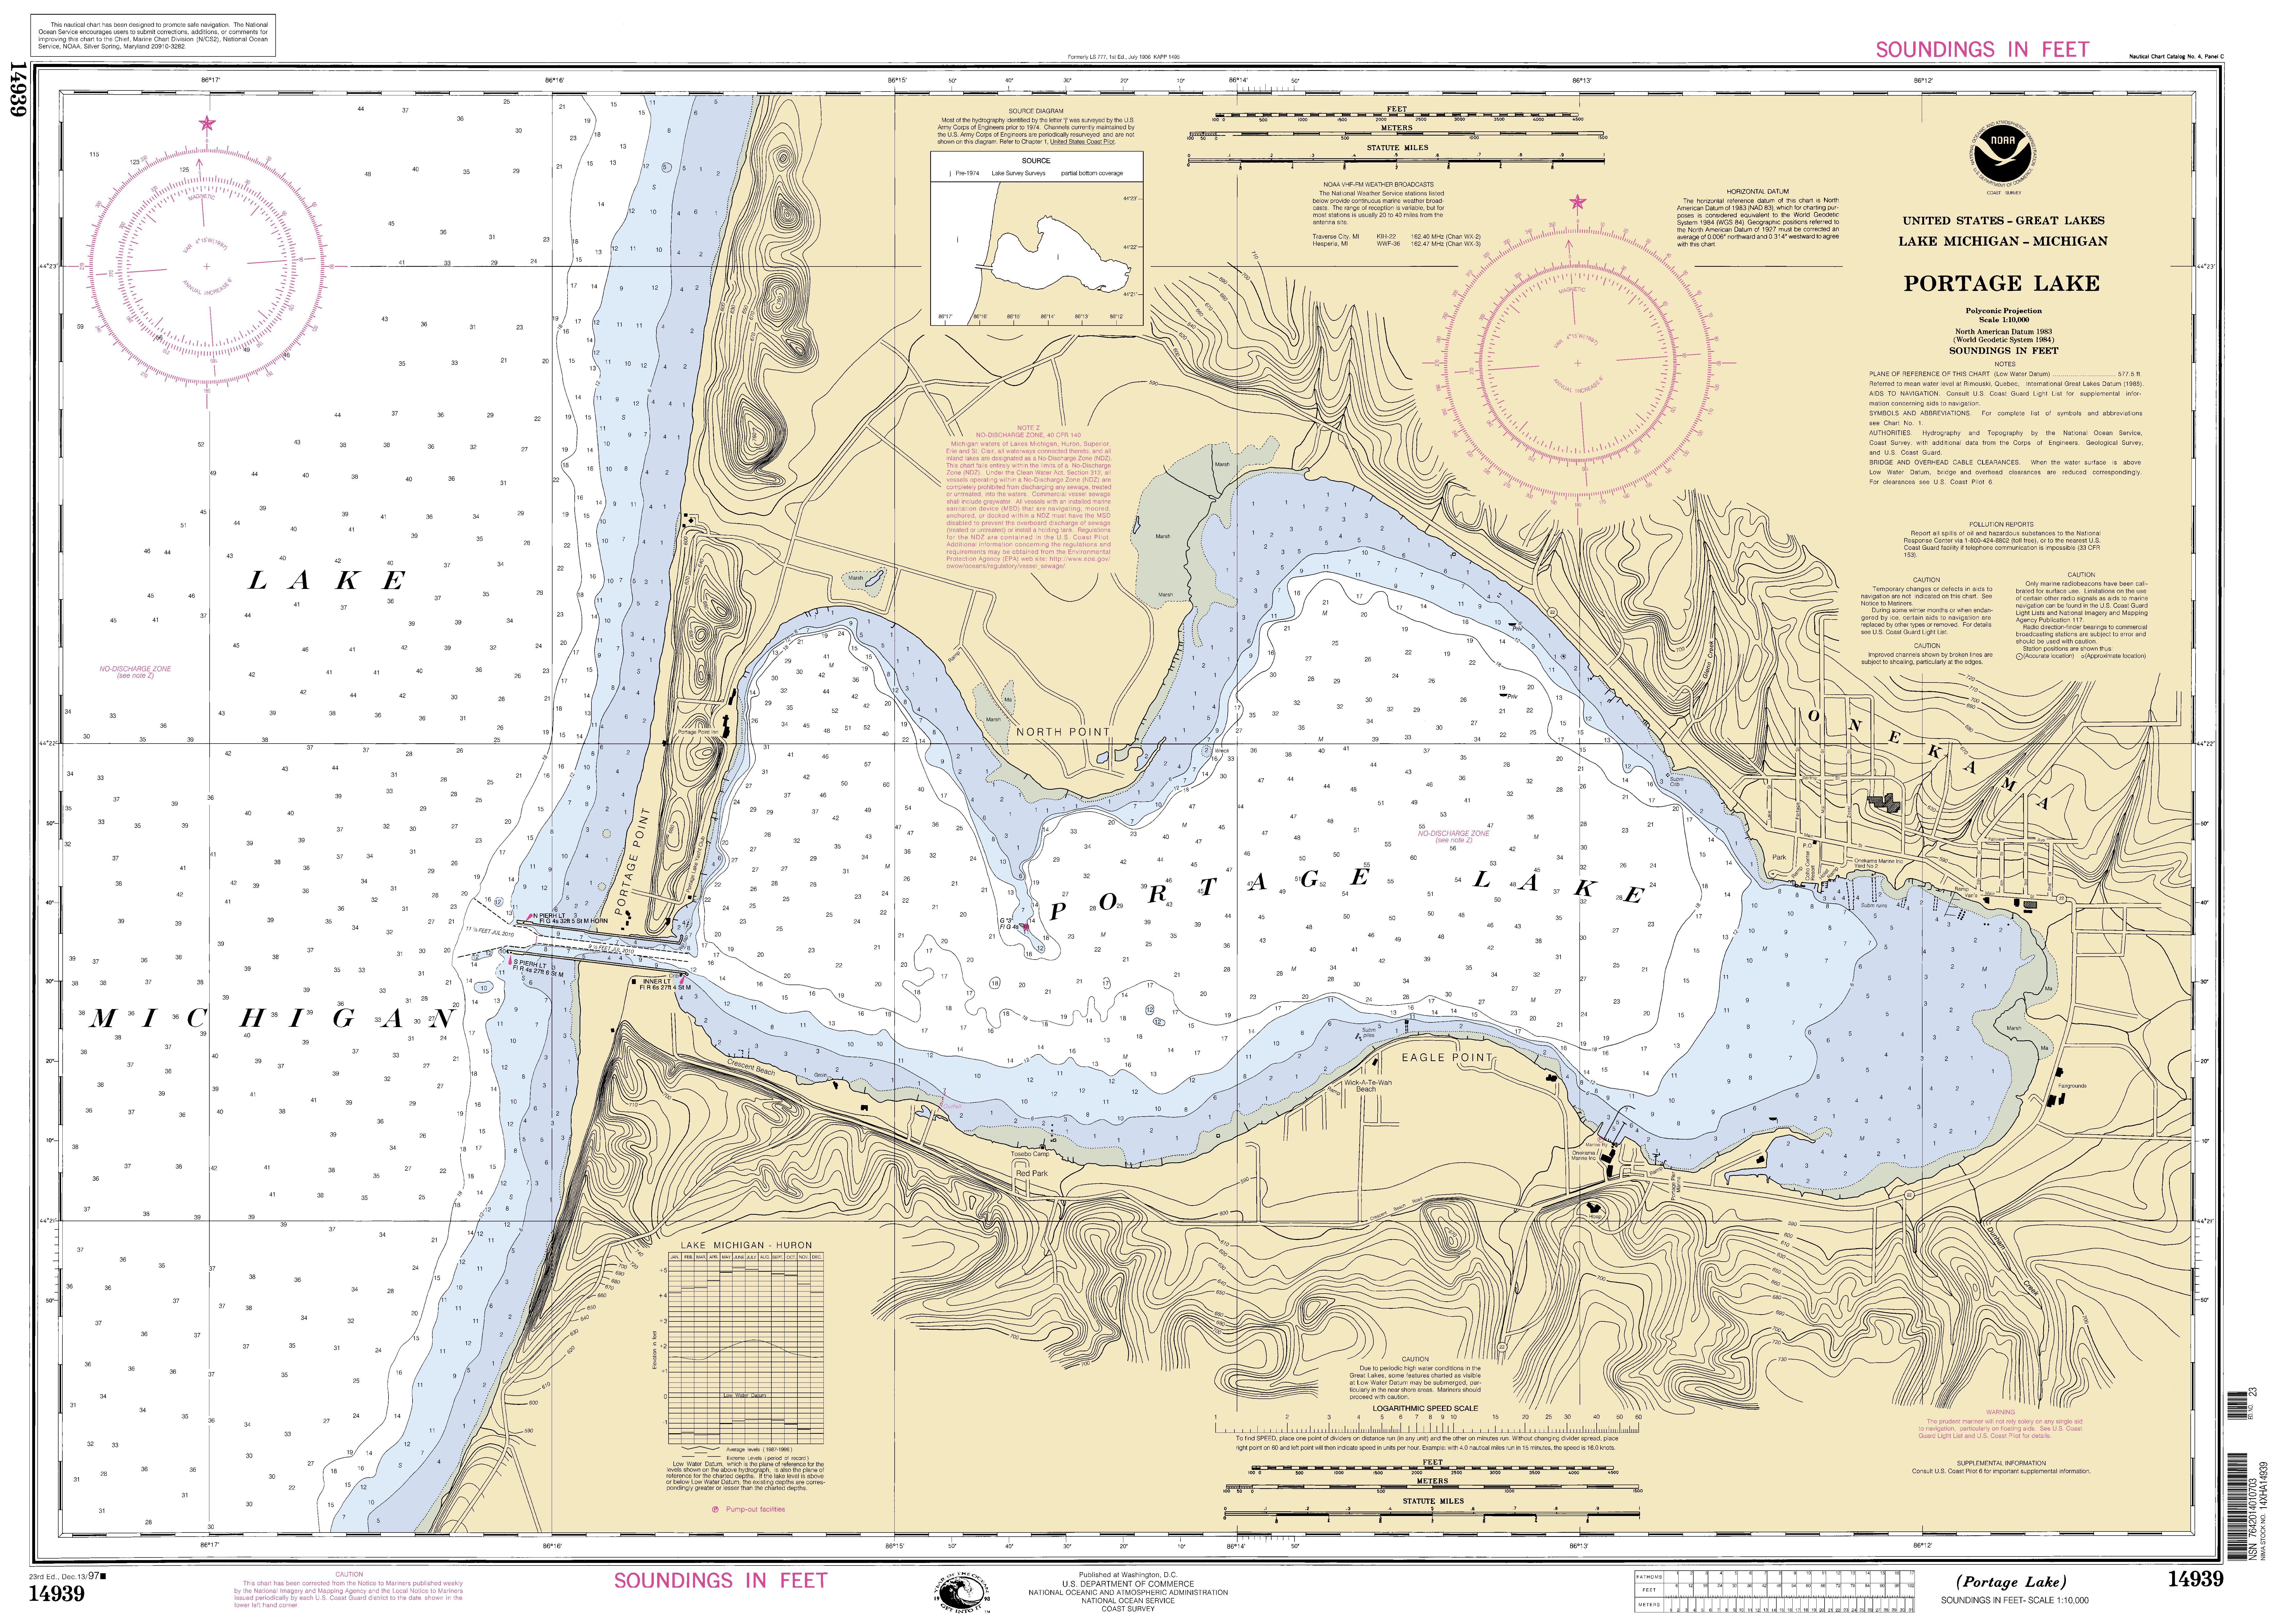 Portage Lake Michigan Map.Portage Lake Michigan Nautical Chart Noaa Charts Maps